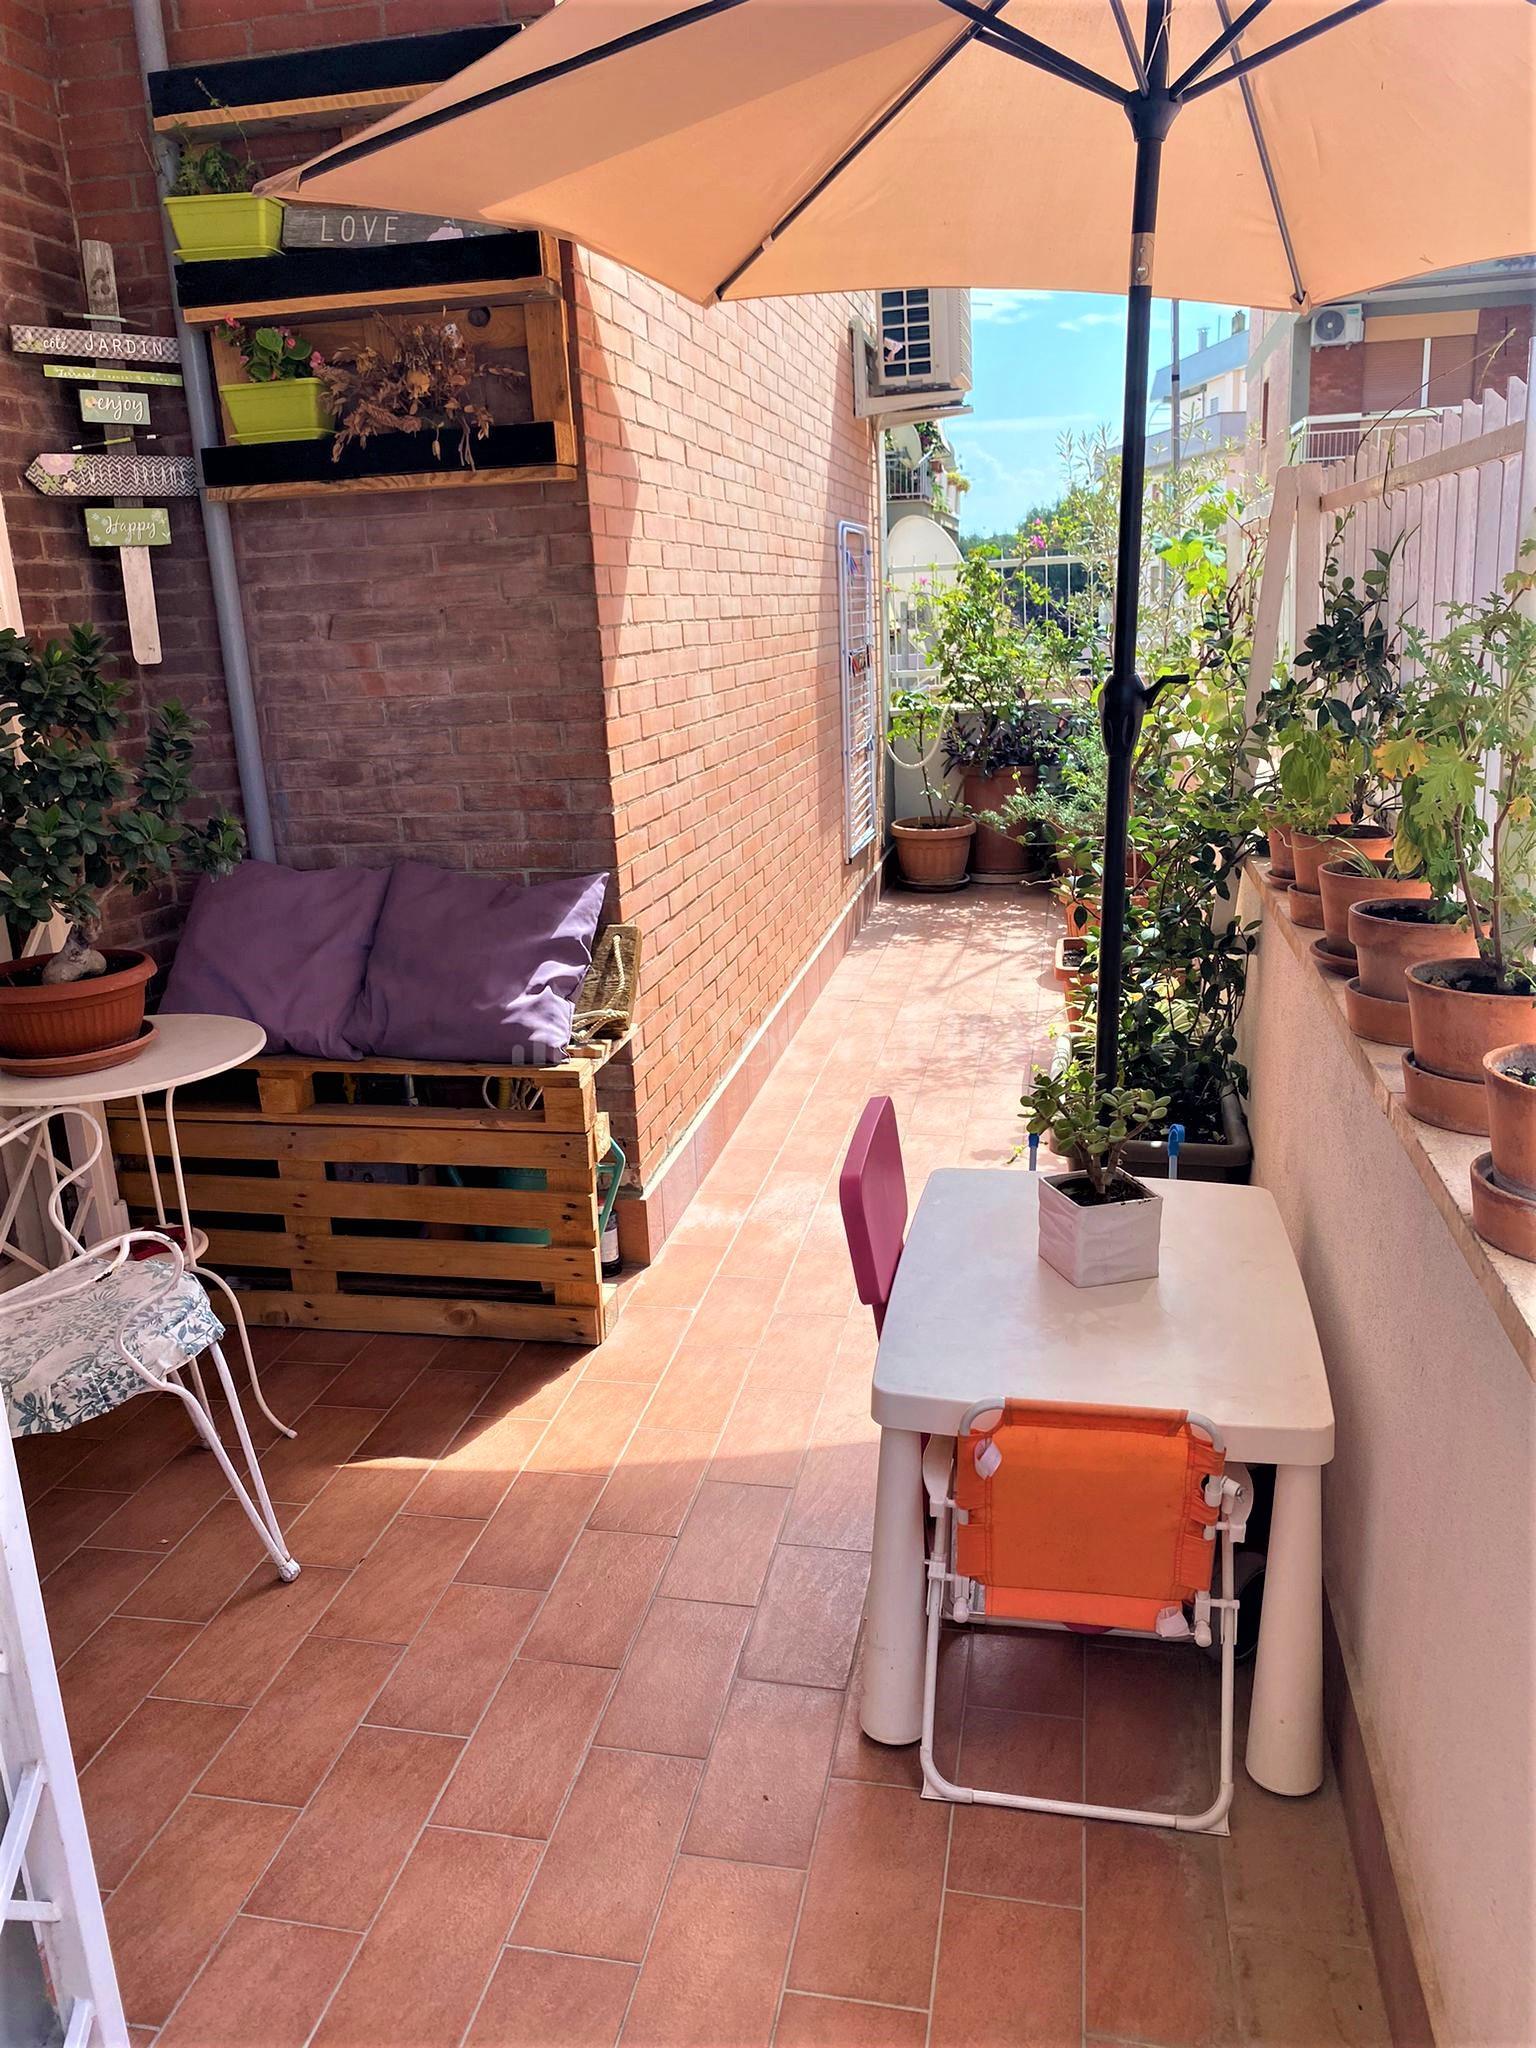 Casa in vendita di 65 mq a €165.000 (rif. 41/2021)